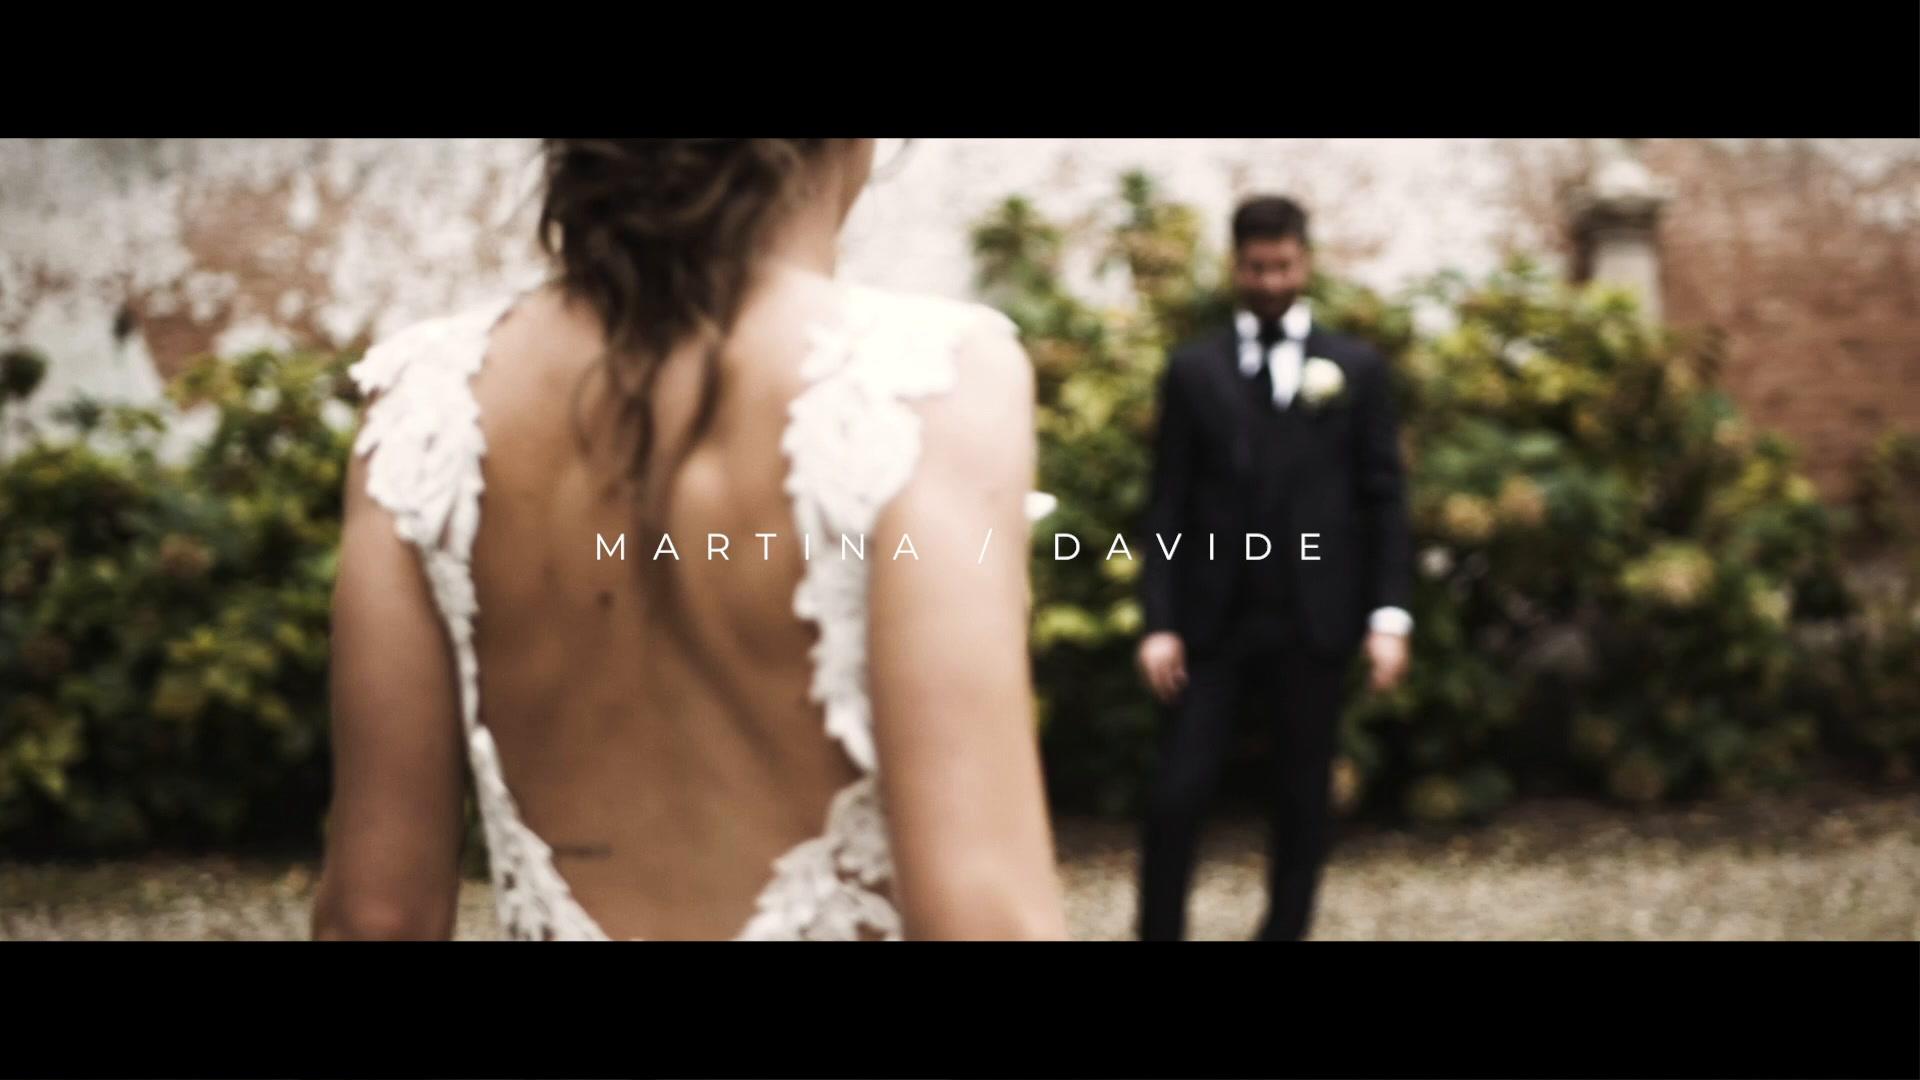 Martina + Davide | Treviso, Italy | A Villa